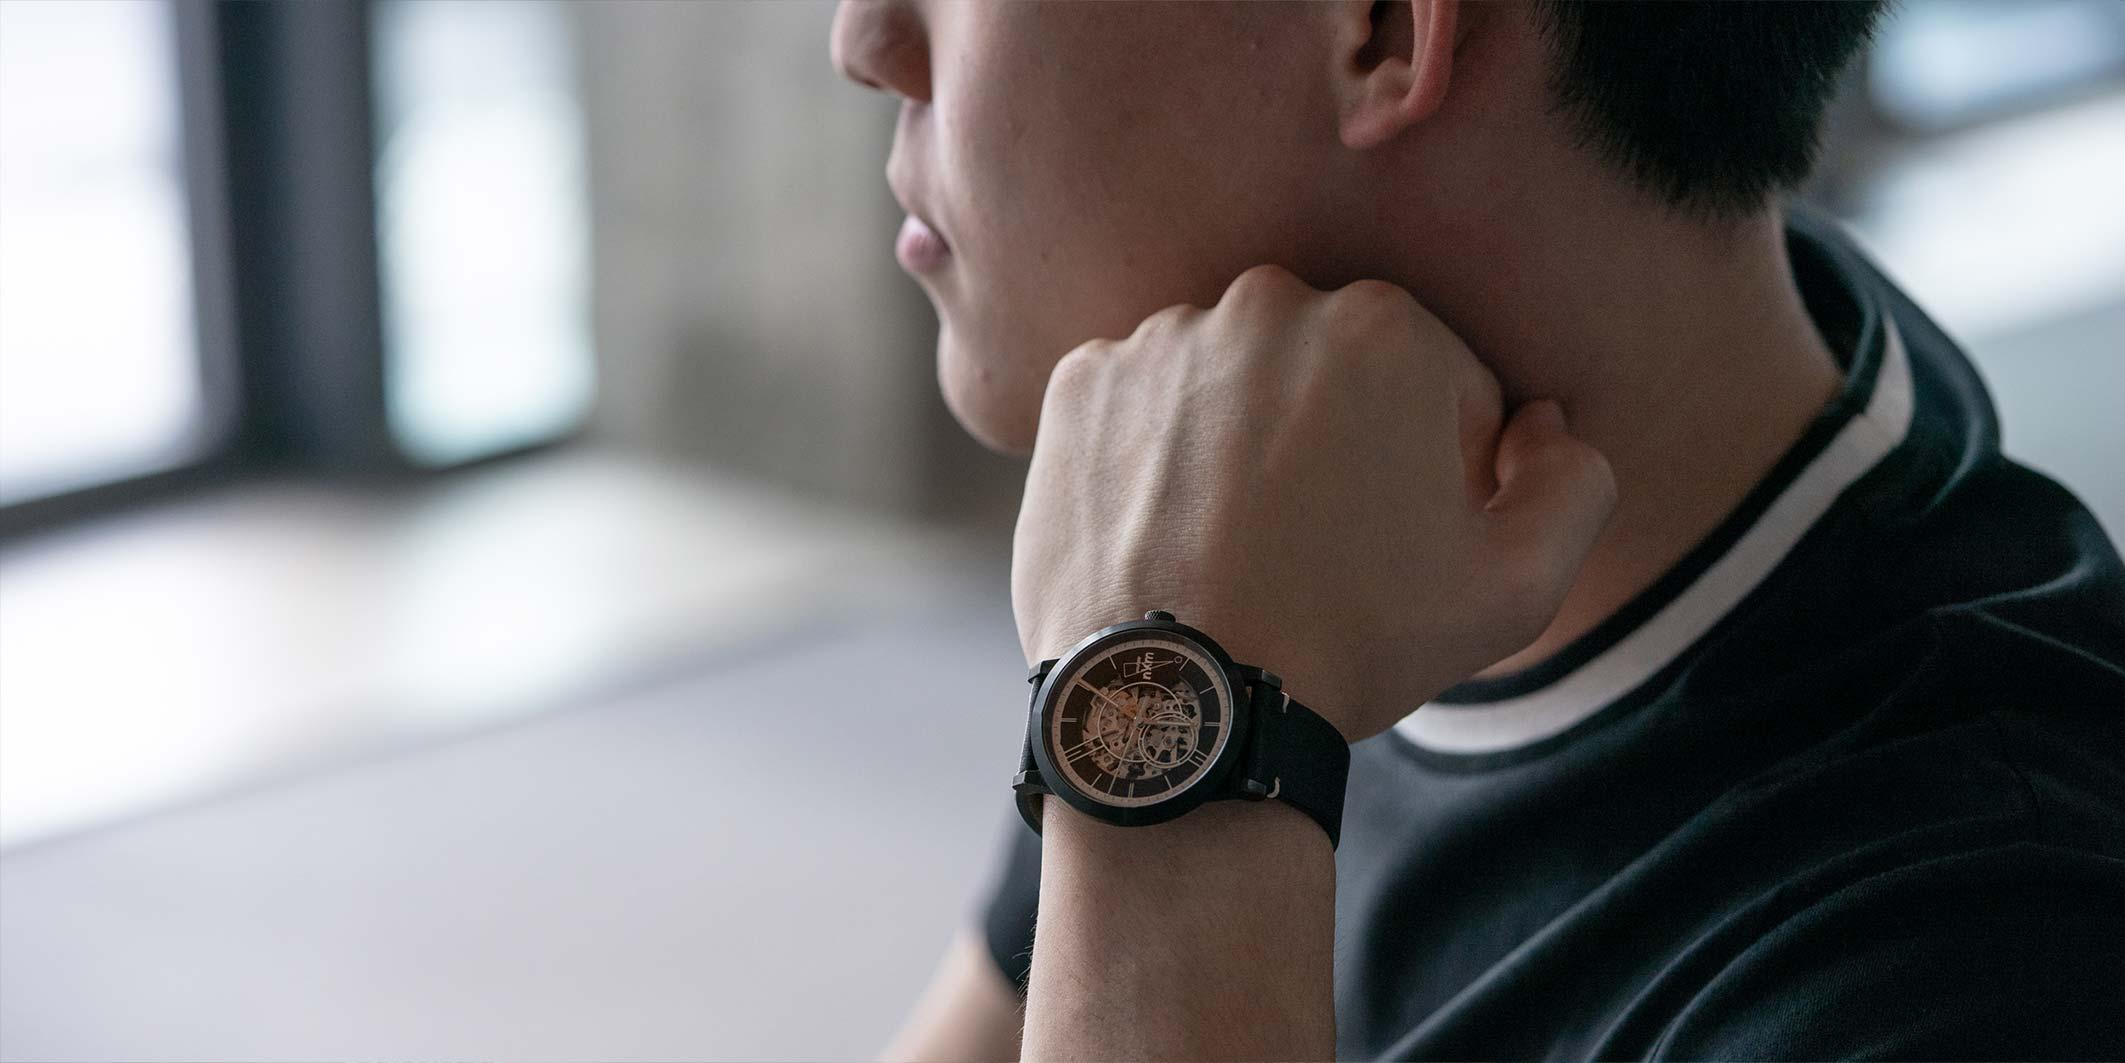 錶面設計為獨有的Numb x EONIQ 鏤空錶面設計